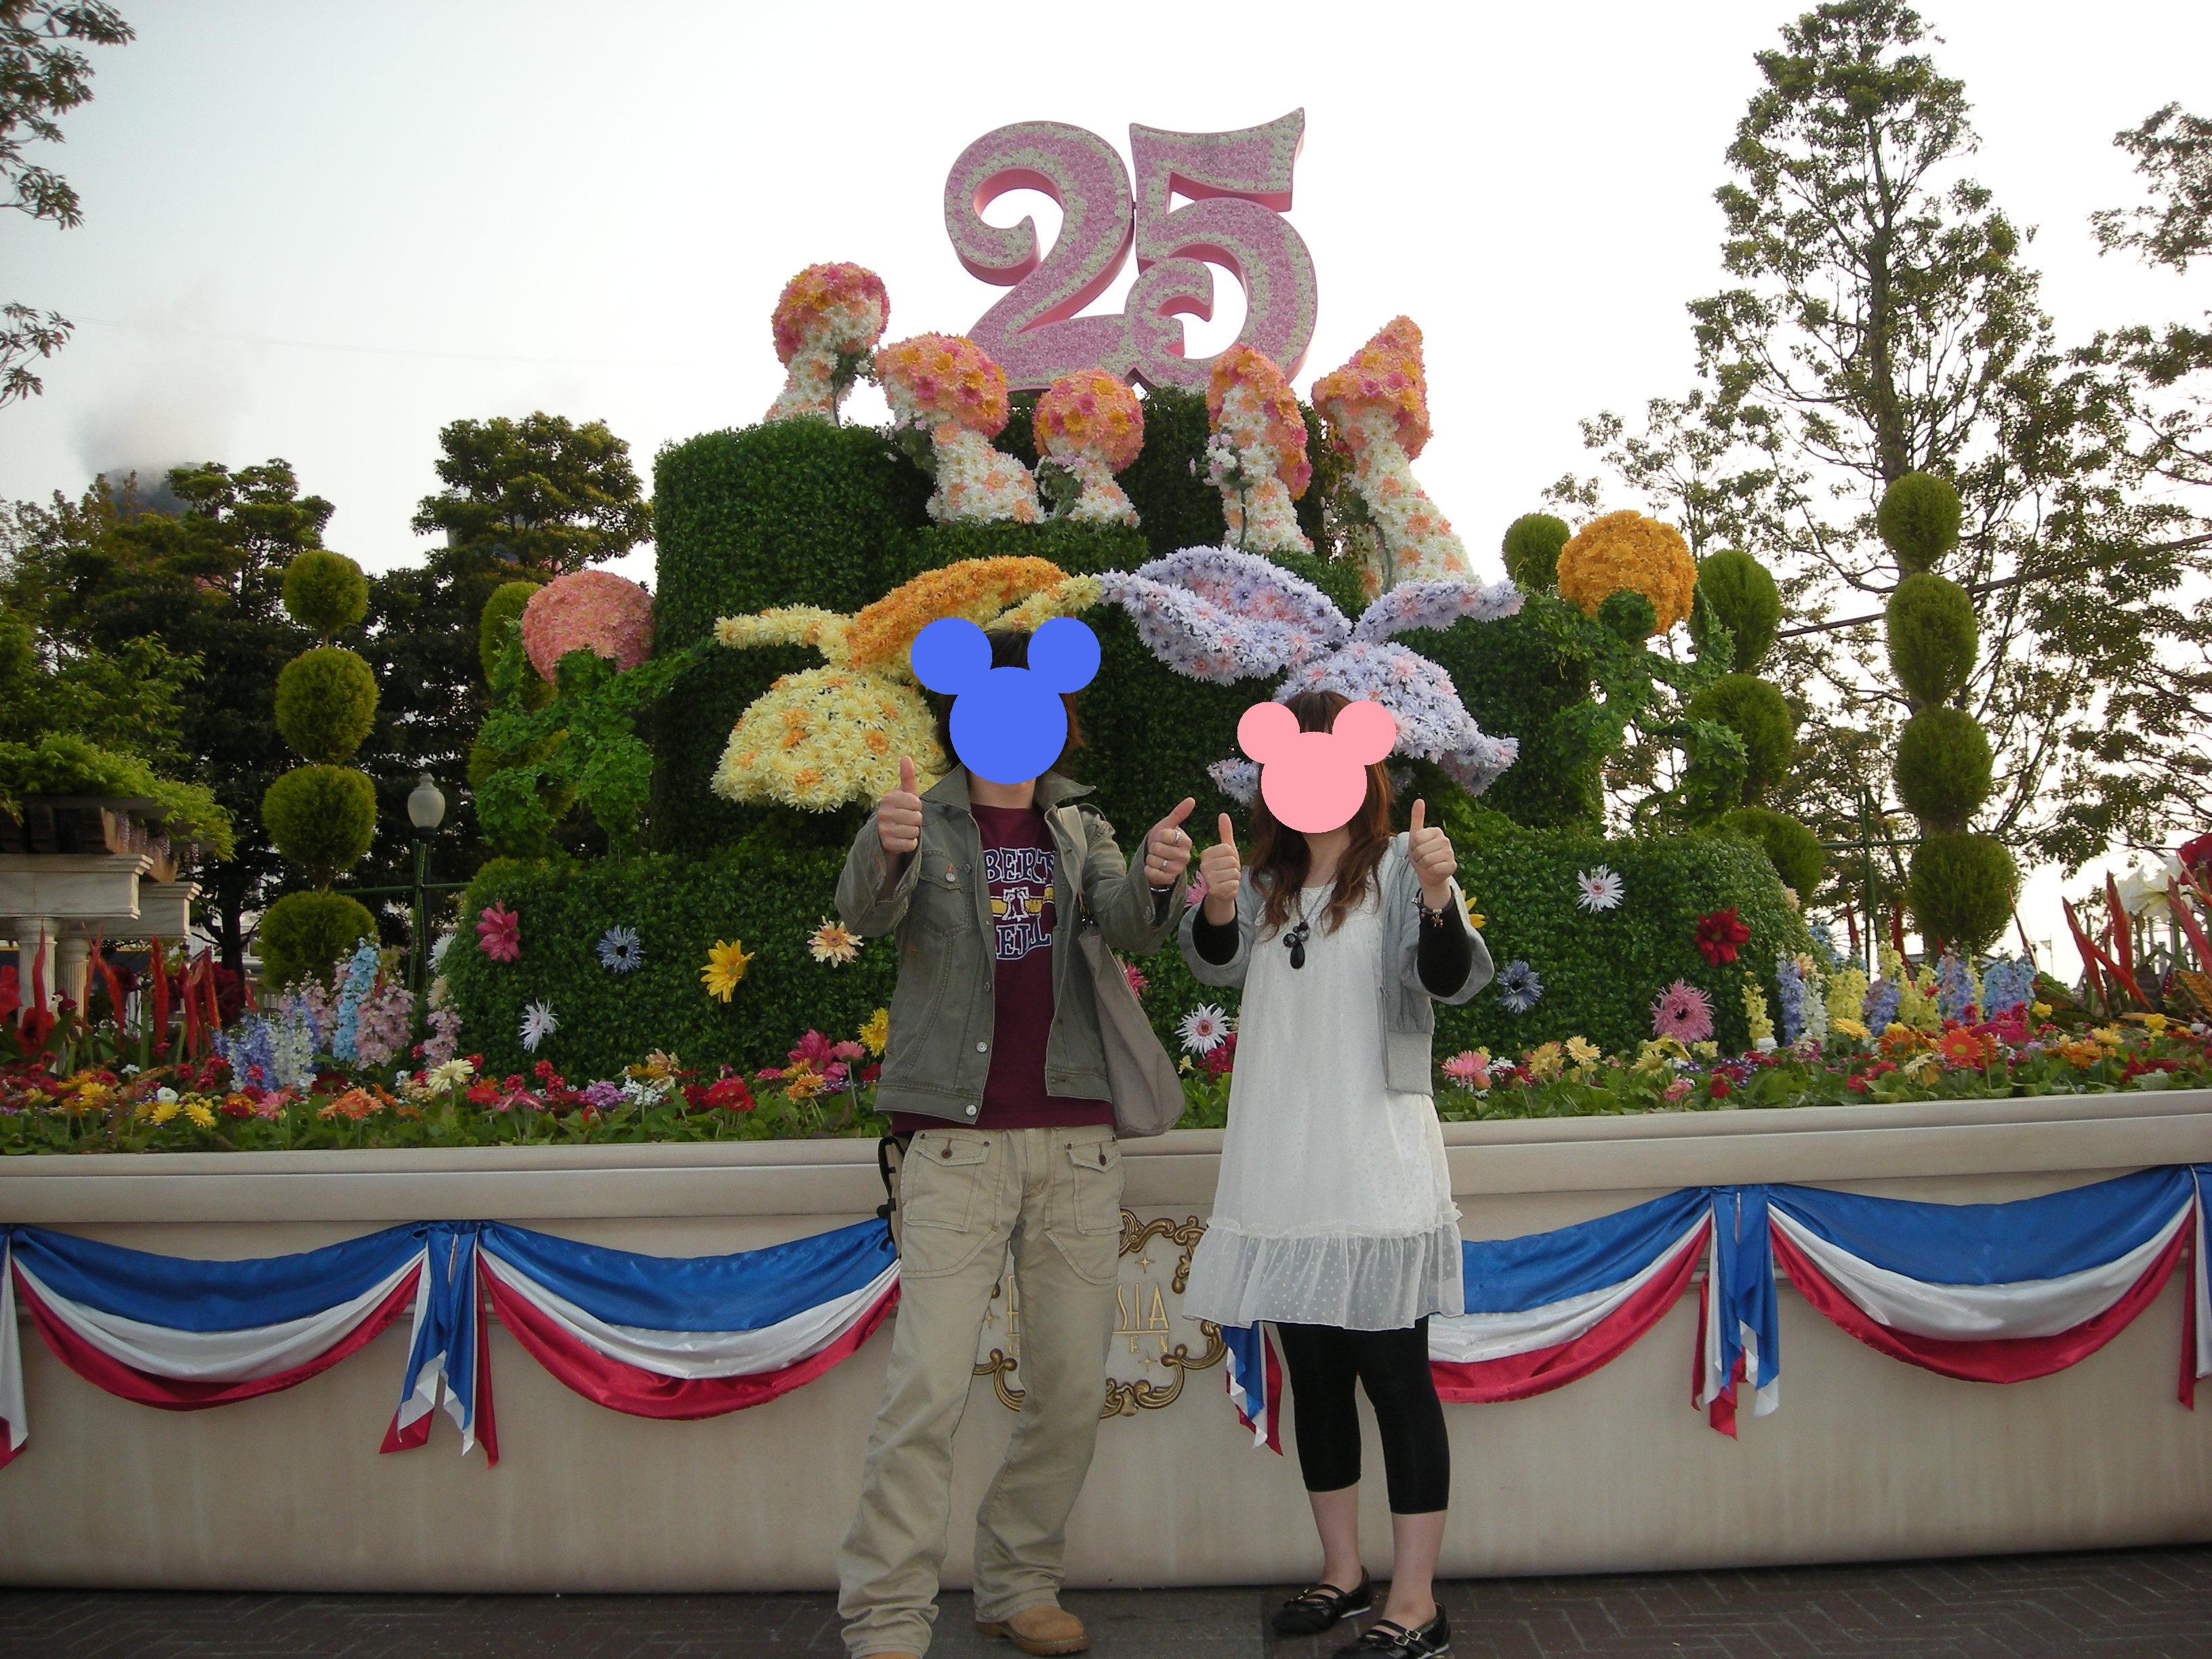 gw♪25周年のディズニーリゾート?』東京ディズニーリゾート(千葉県)の